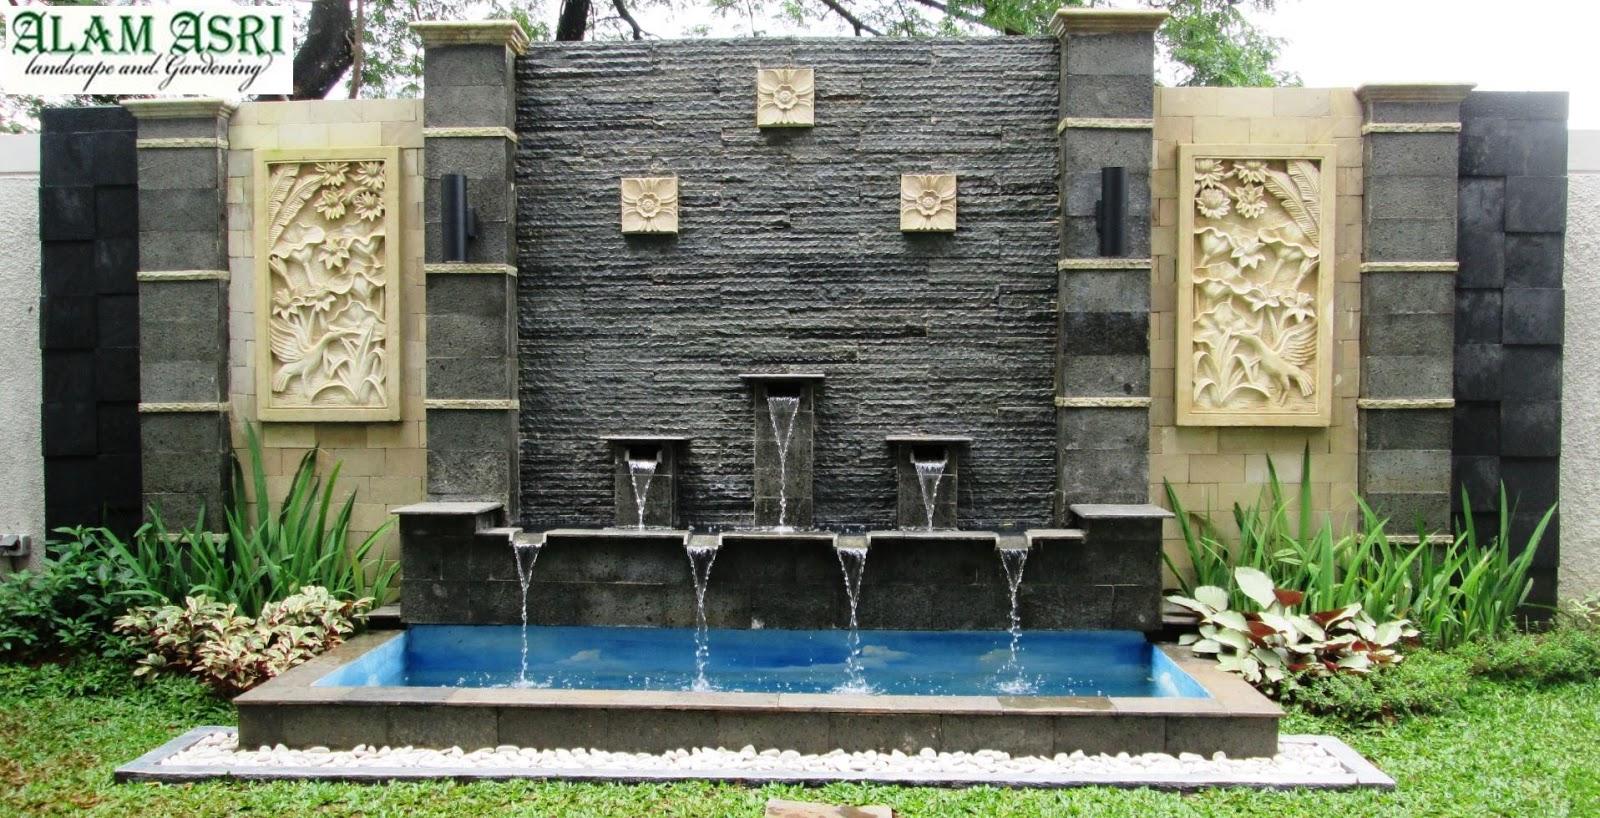 Tukang Taman Cibubur Jasa Tukang Taman Jakarta